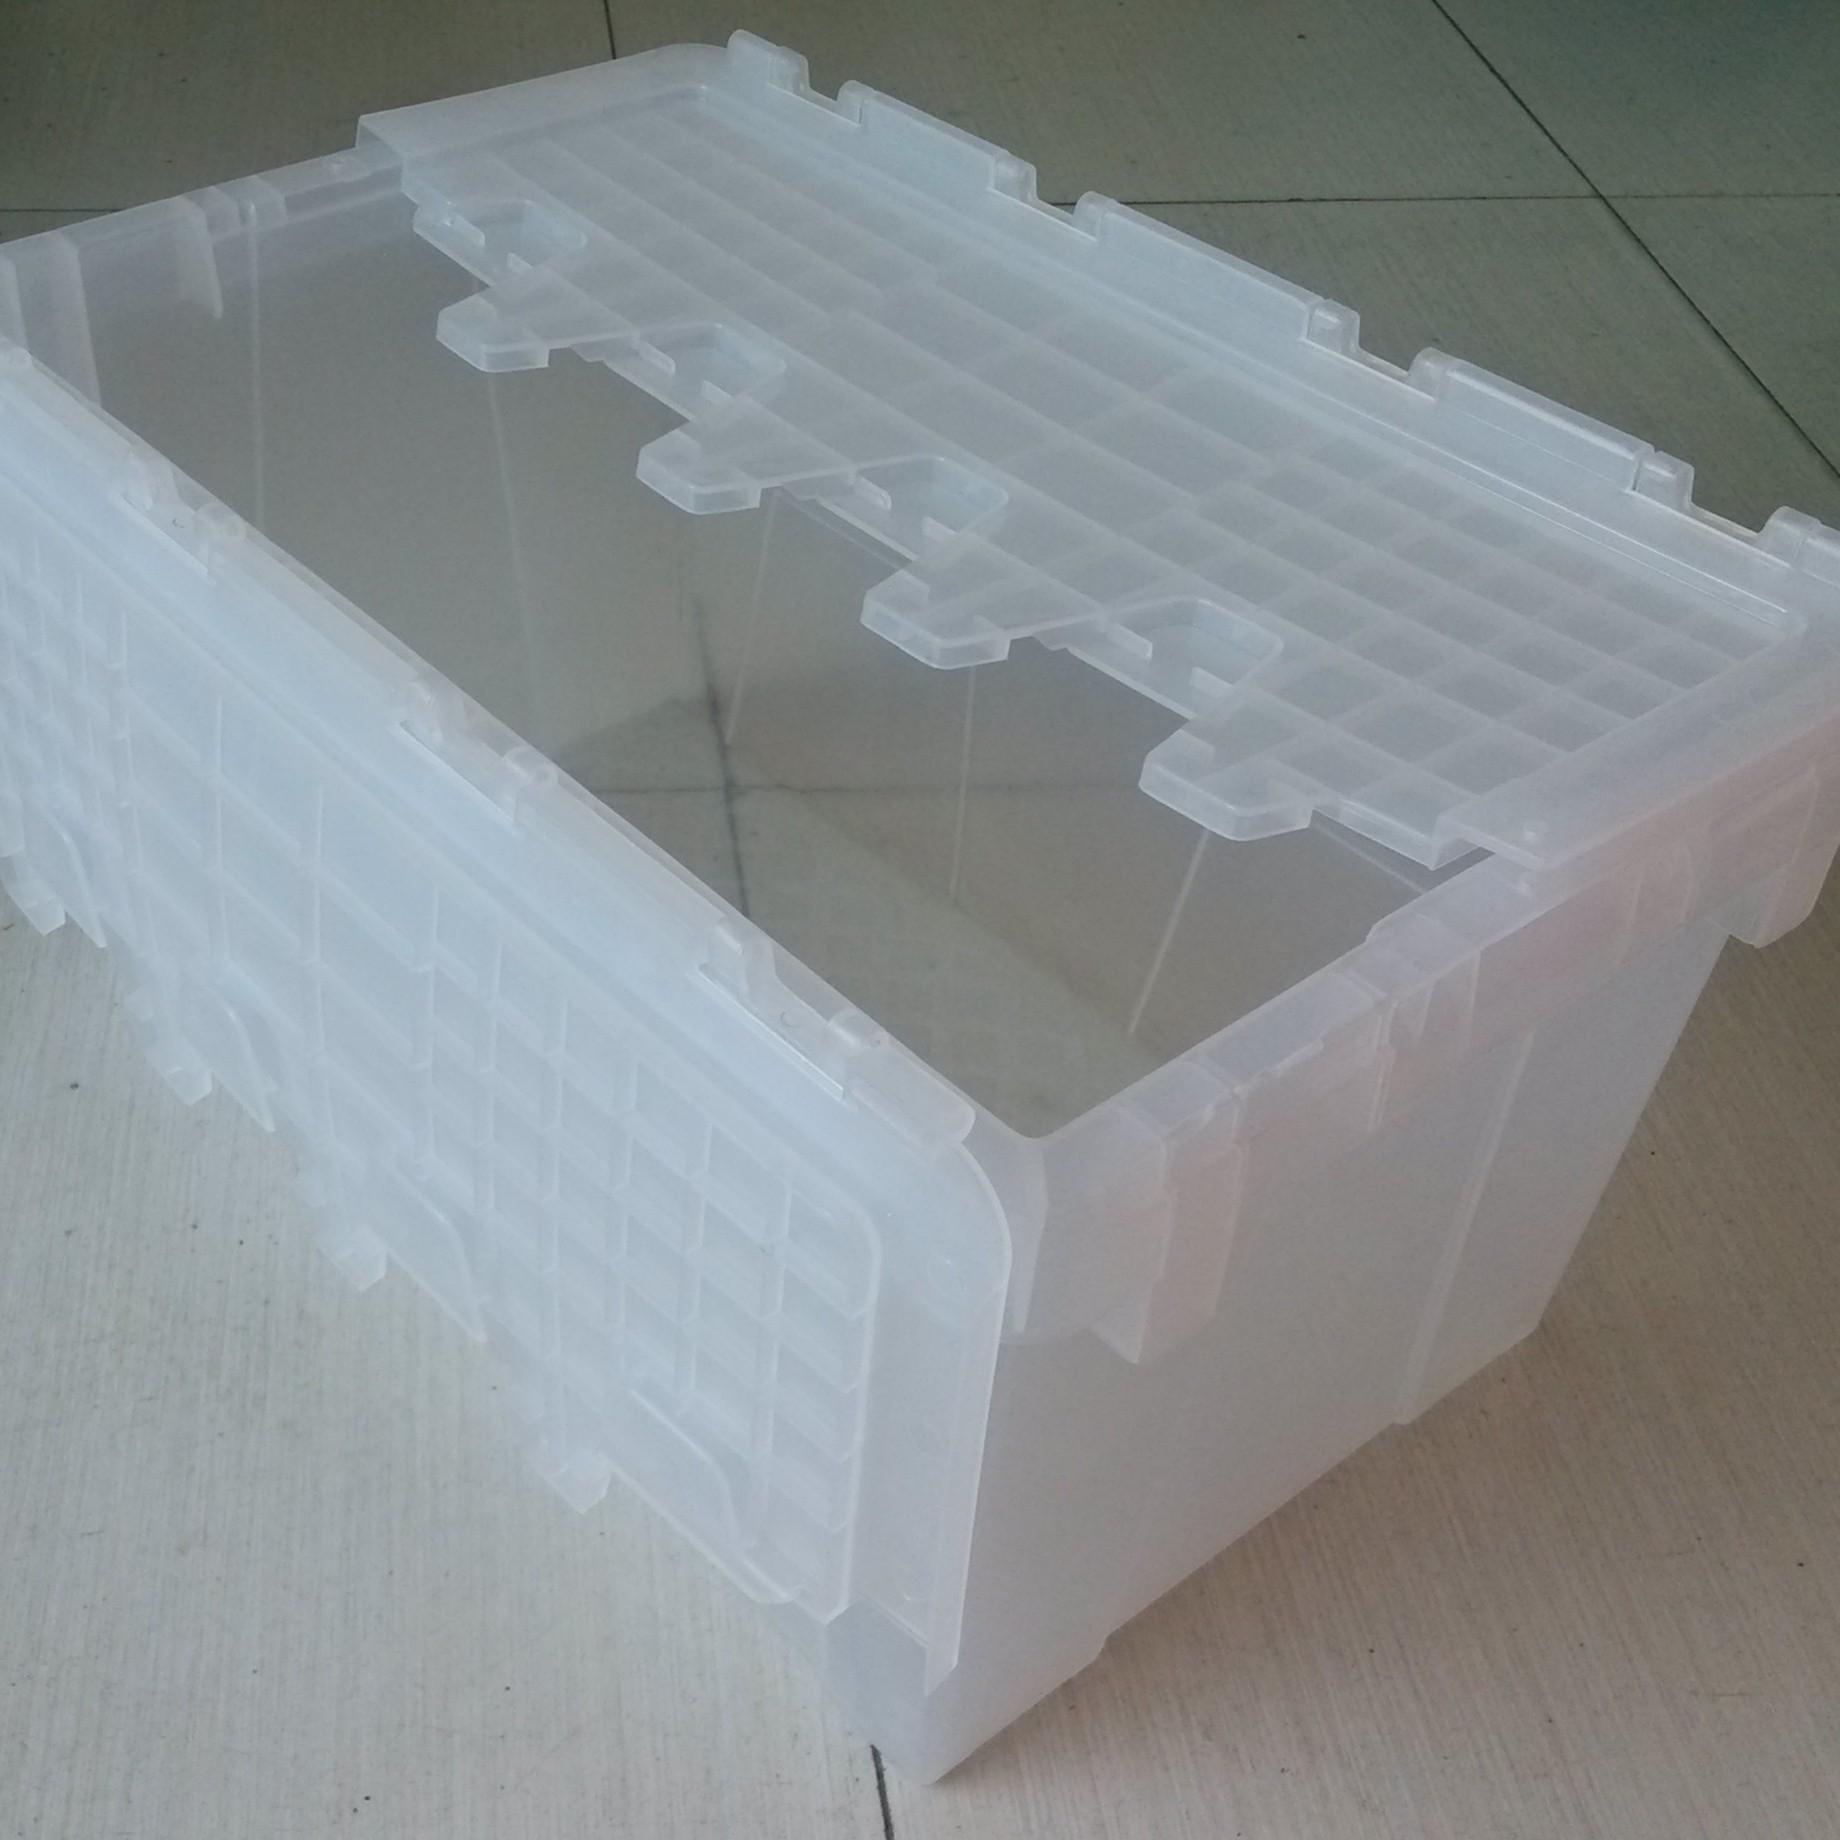 上海嘉定塑料托盘周转箱厂家